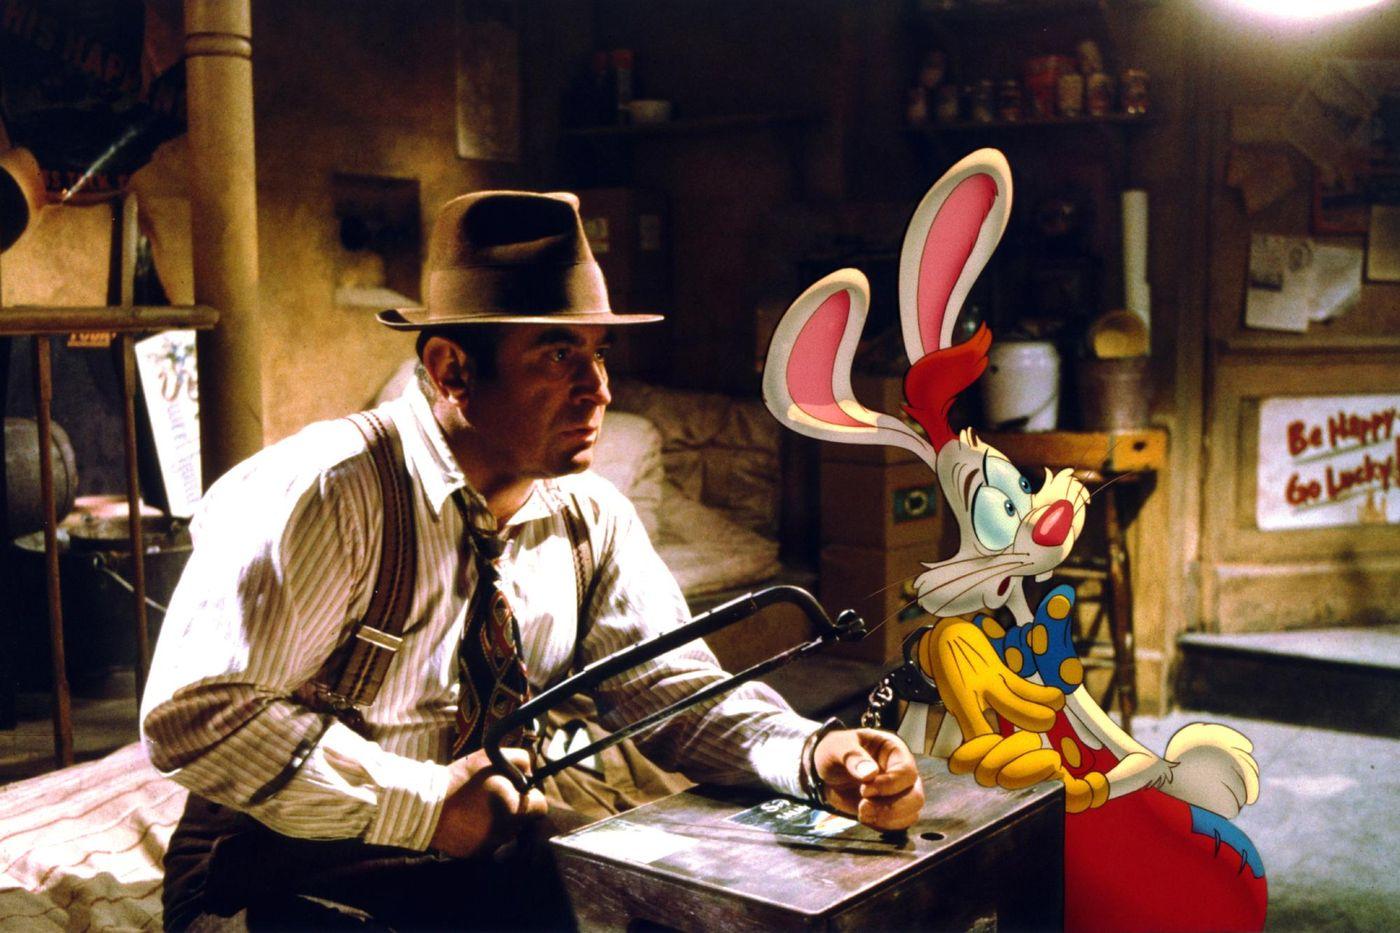 Vem satte dit Roger Rabbit